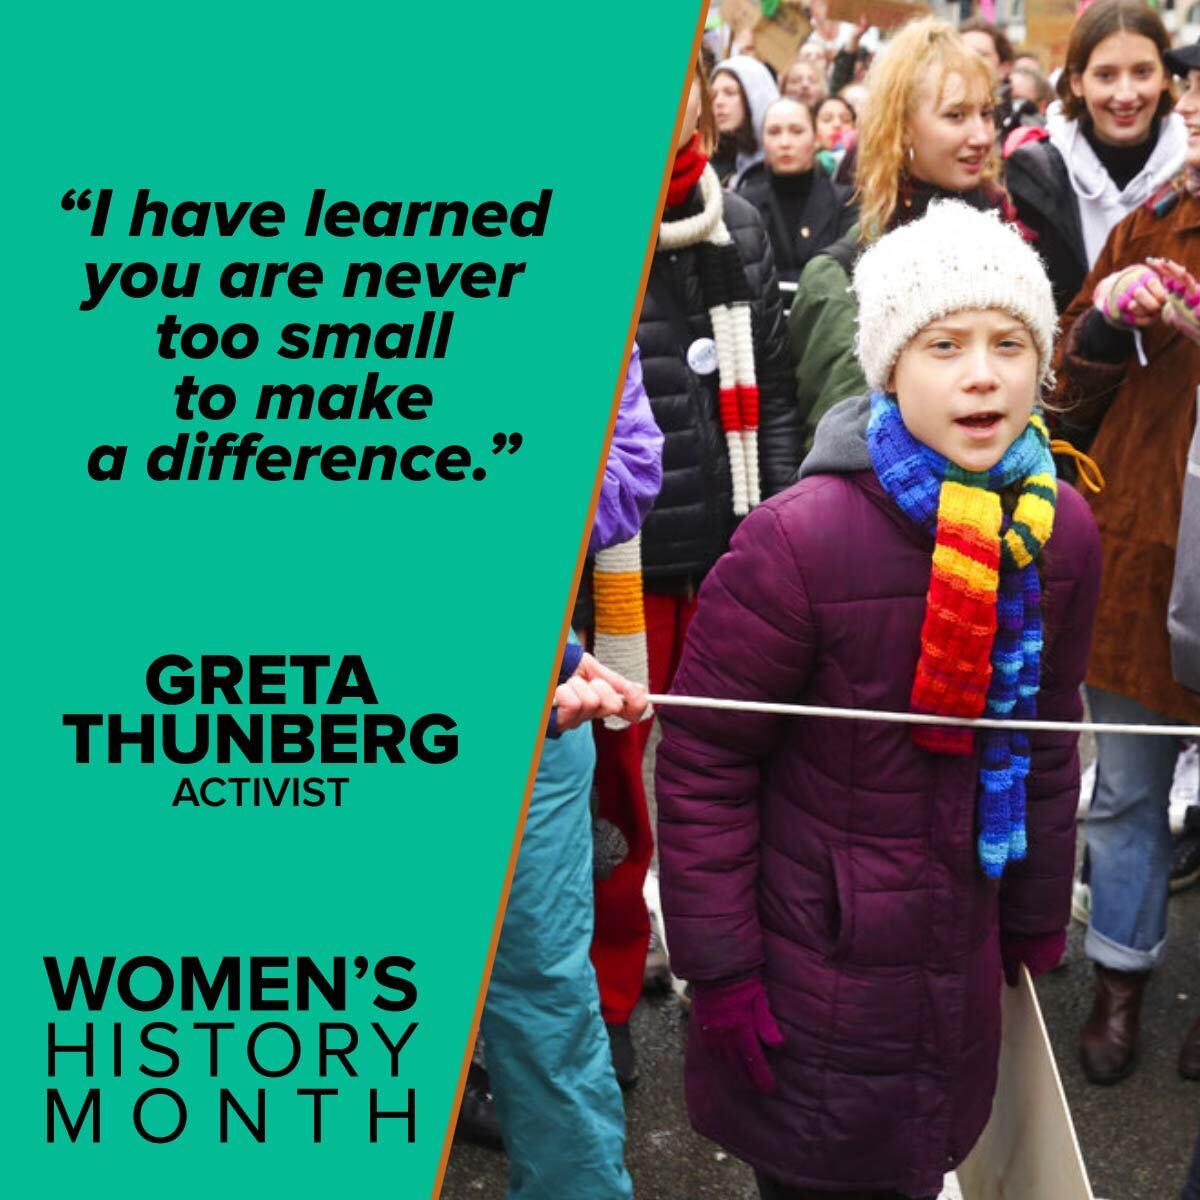 Women's History Month_Greta Thunberg).jpg